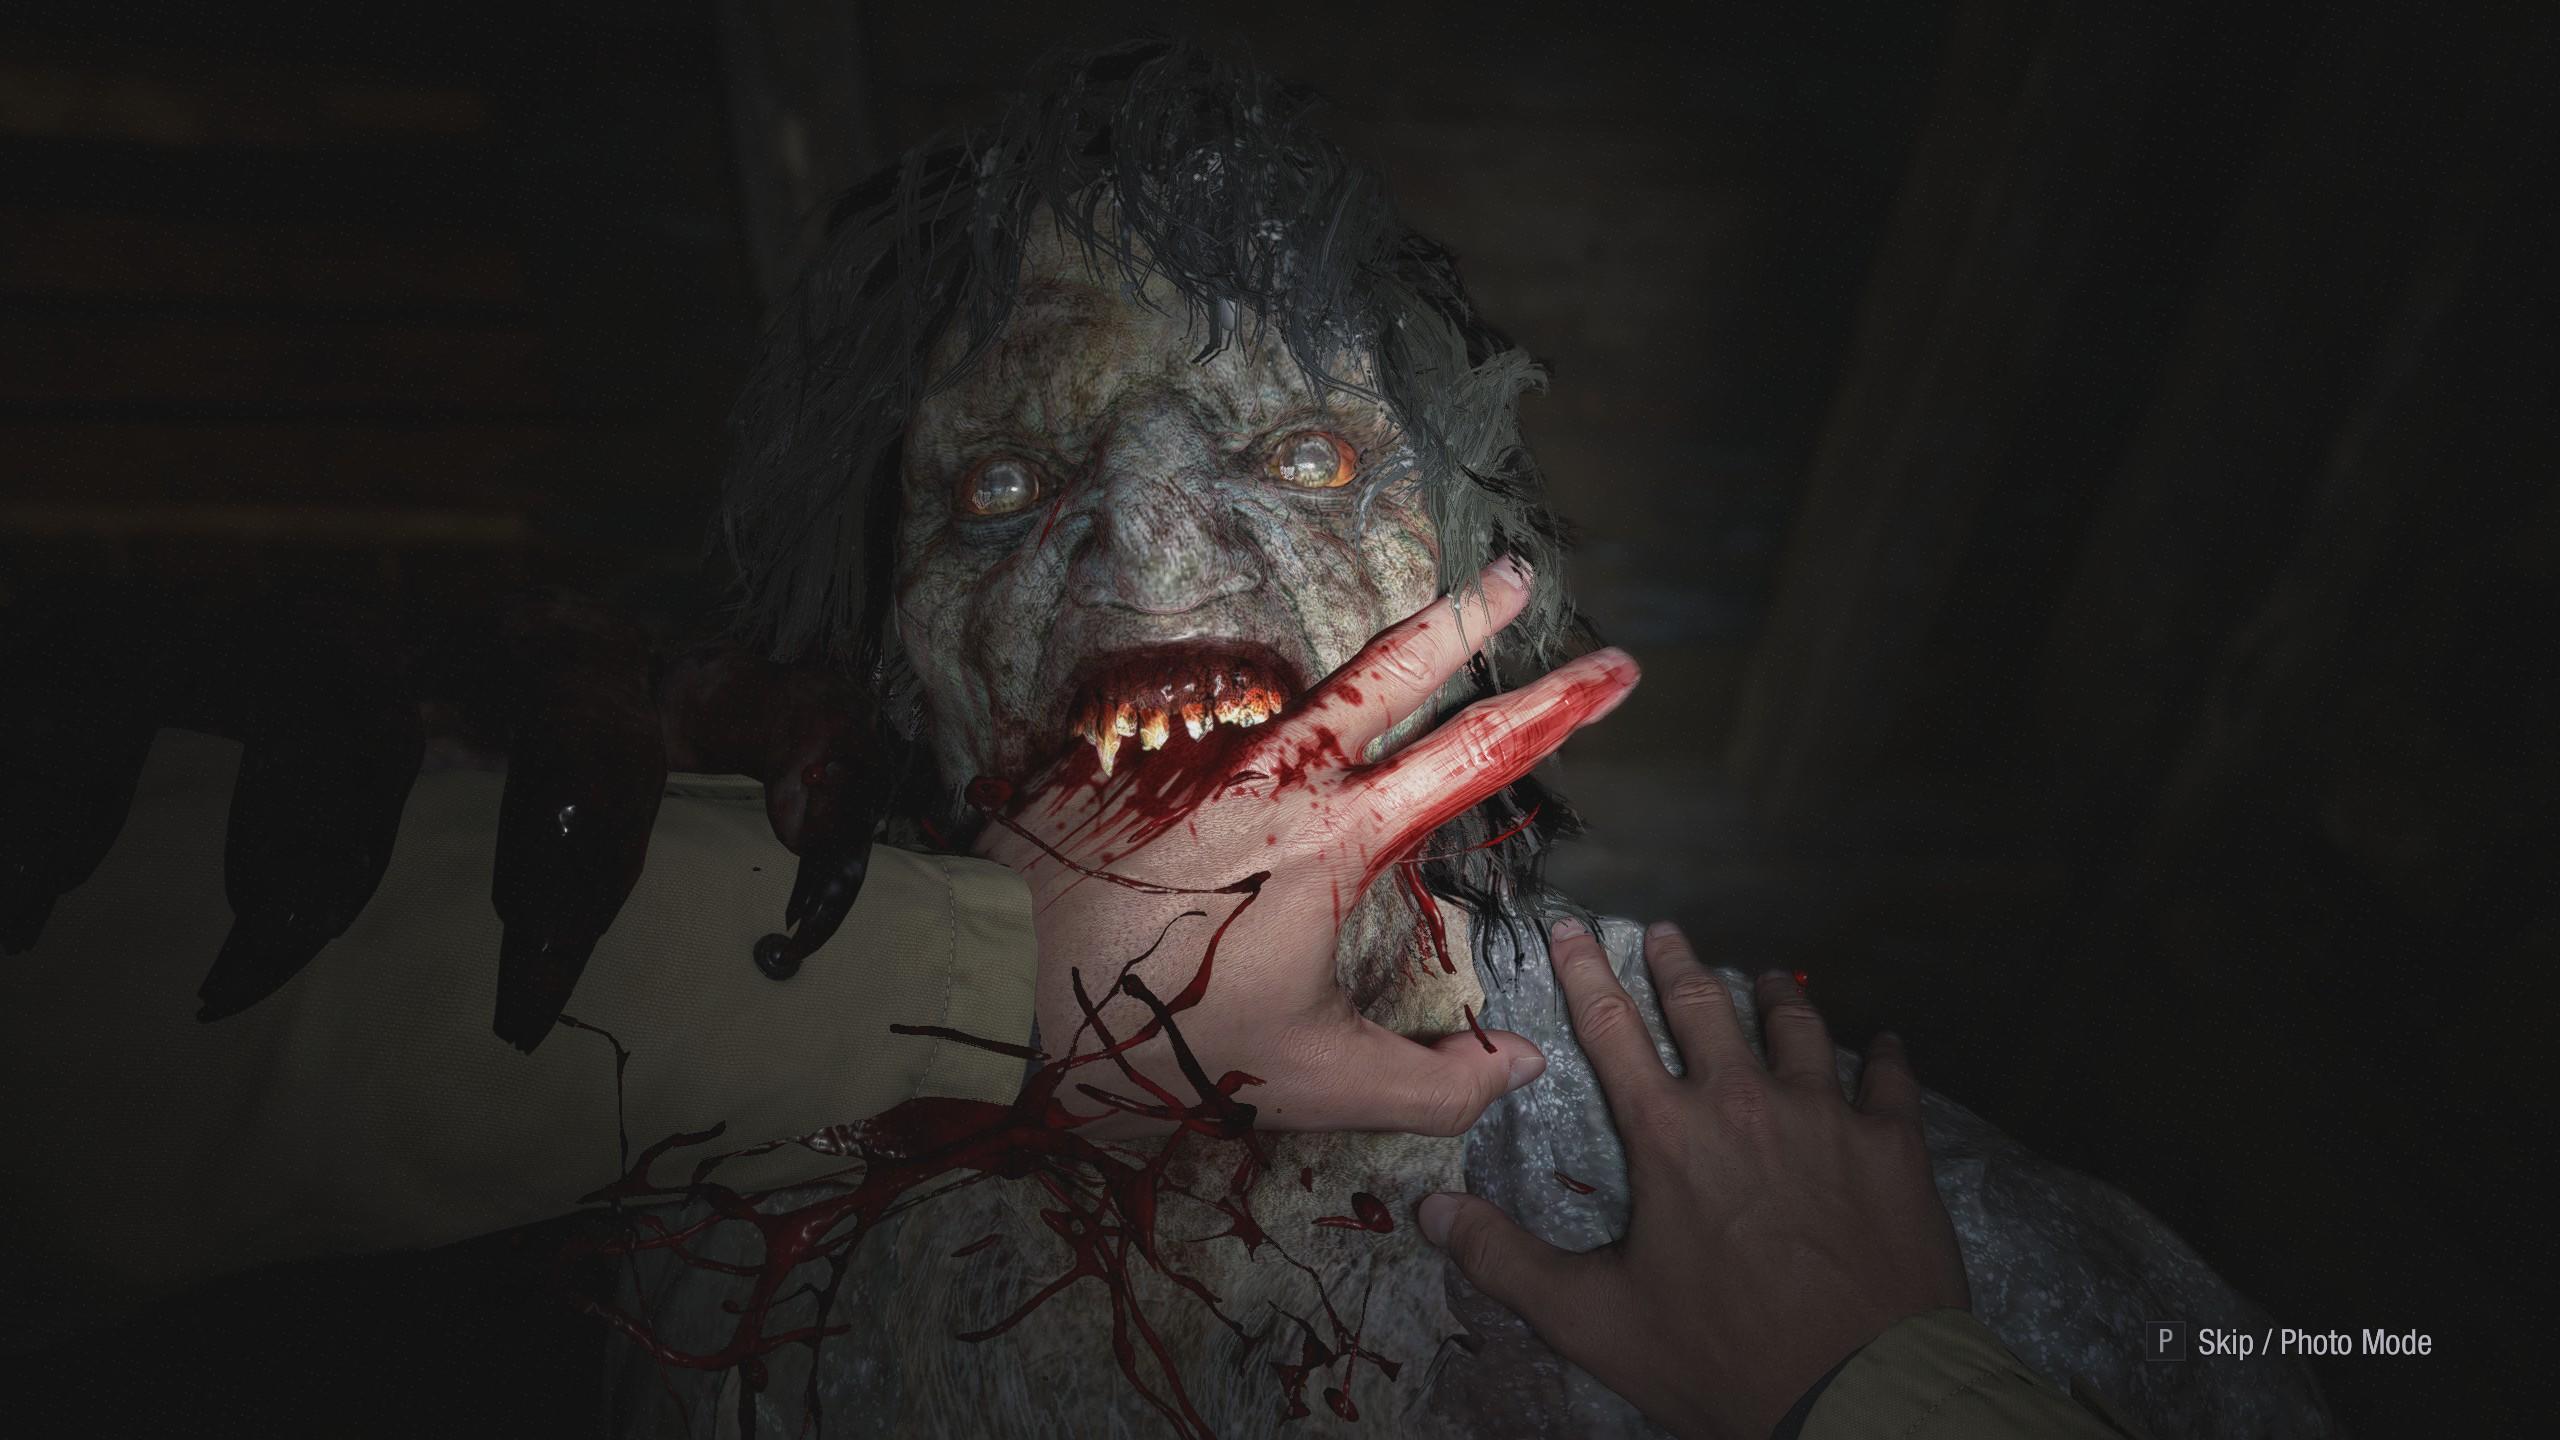 Egy likán zombi leharapja Ethan ujjait